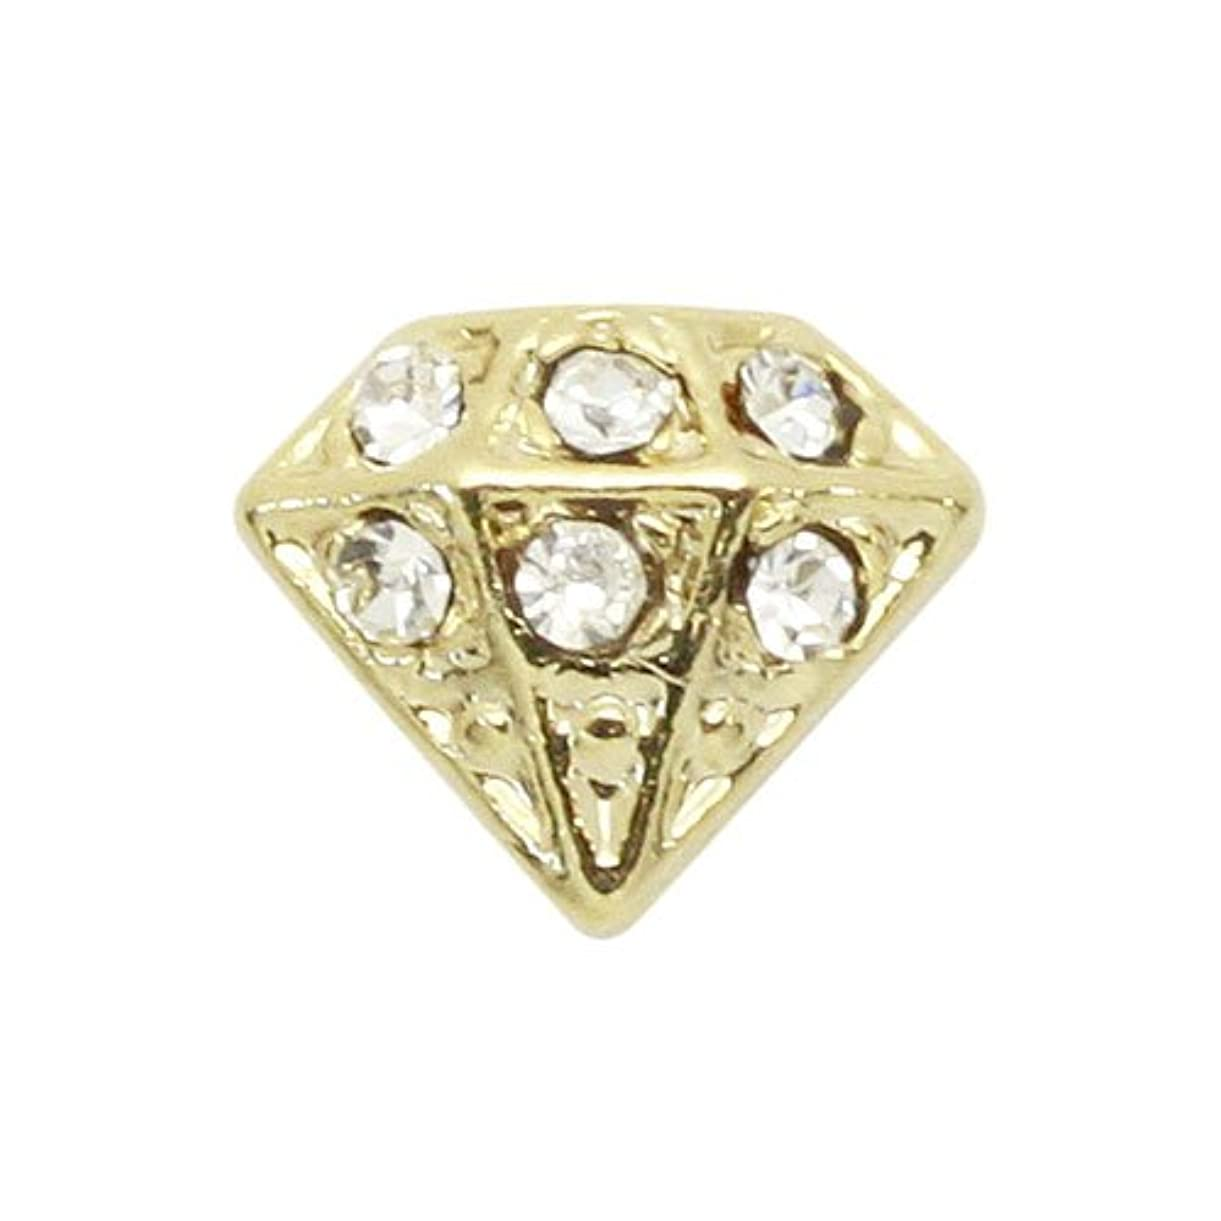 裁判所気絶させる見ましたエムプティ ネイルパーツ ダイアモンド A191 1個